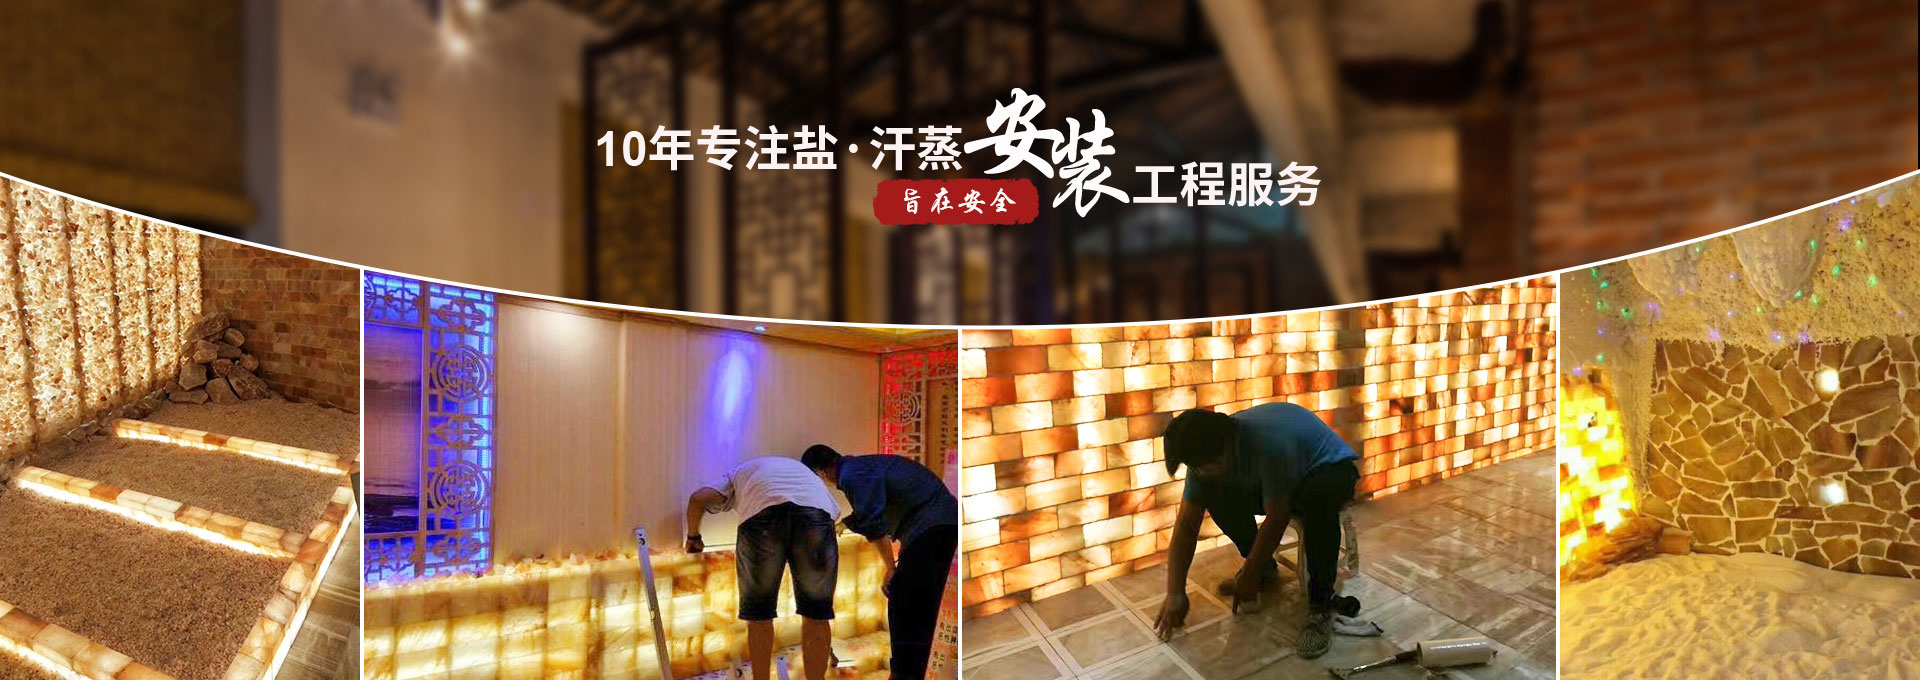 荣燊-10年专注汗蒸房/盐蒸房安装工程服务,旨在安全